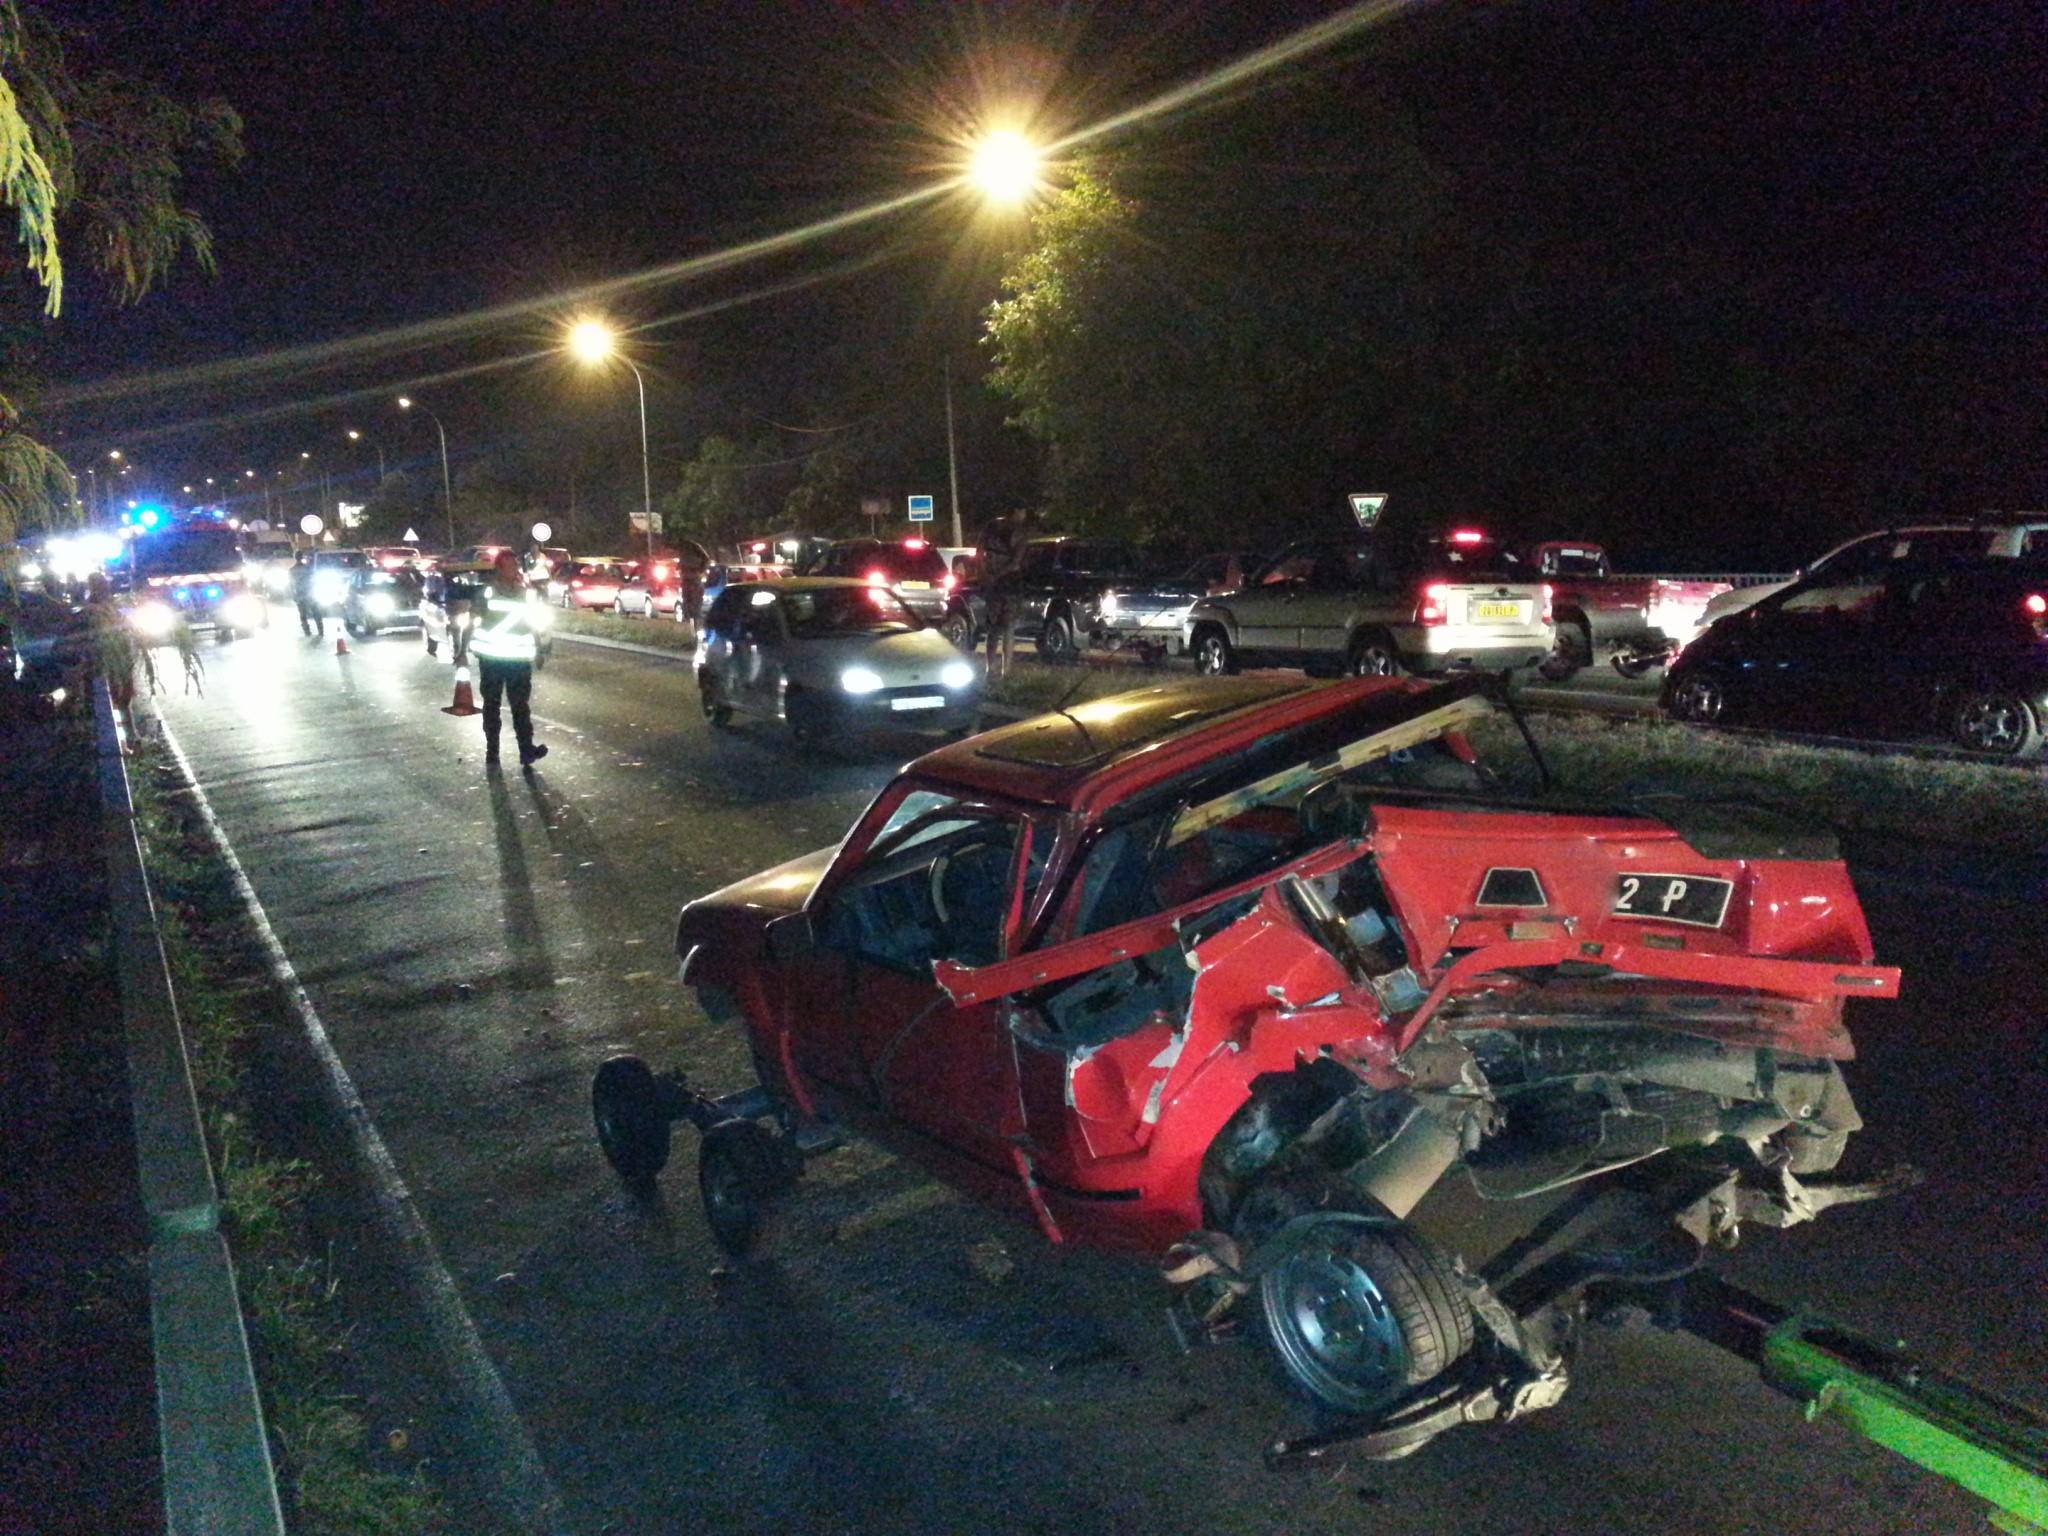 L'accident n'a fait qu'un blessé léger, selon les premières informations sur place.